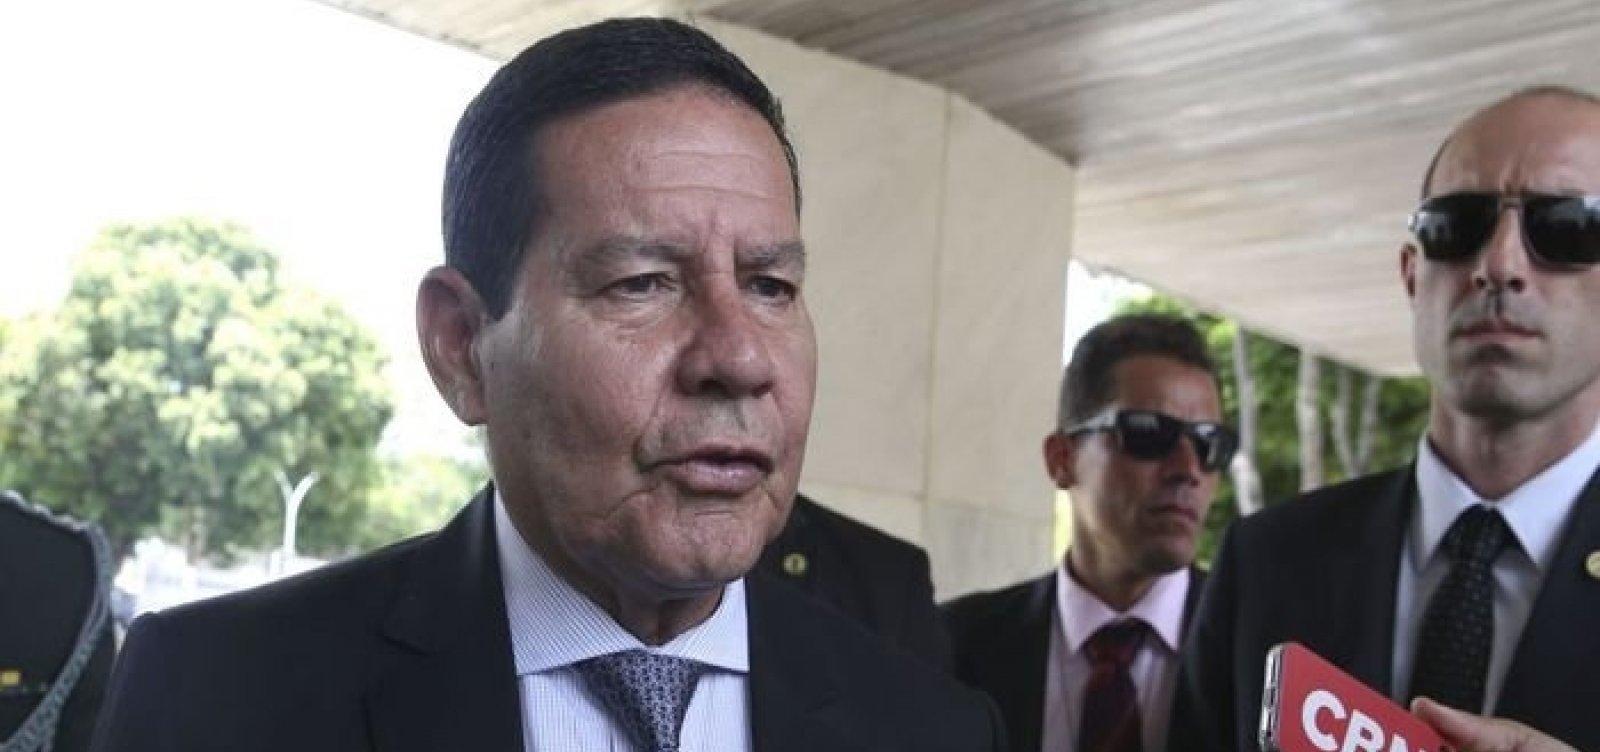 [Esteira que governo pretende comprar no valor de R$ 44 mil é de 'excelente nível', diz Mourão ]